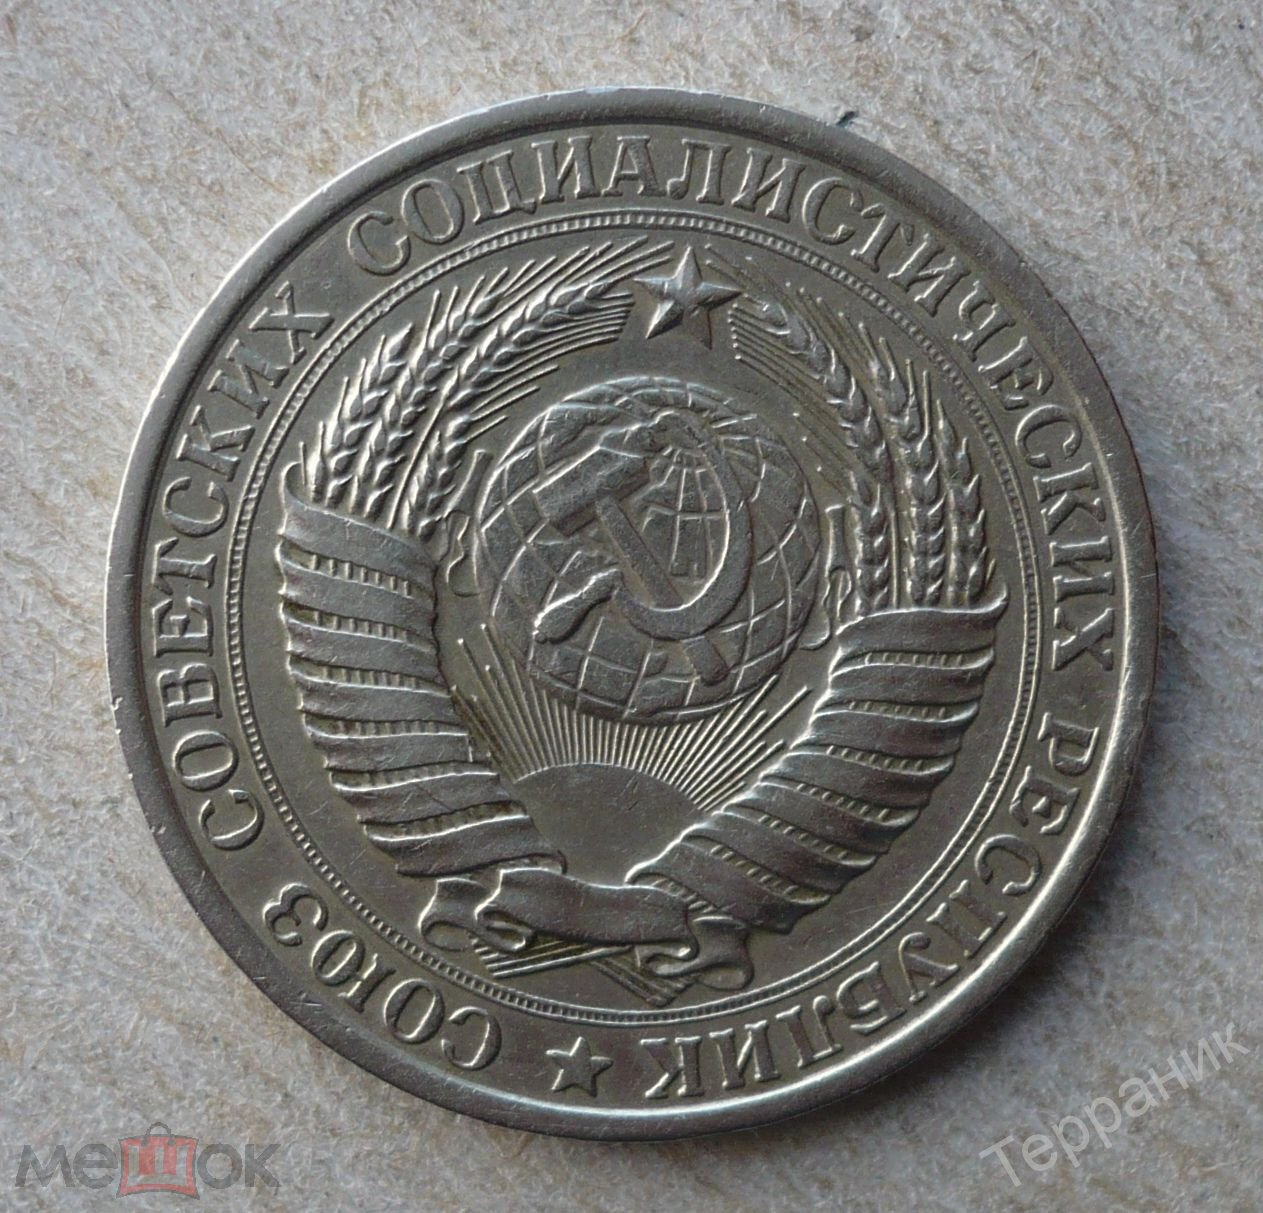 1 рубль СССР 1961 года.Годовик.Оригинал 100%